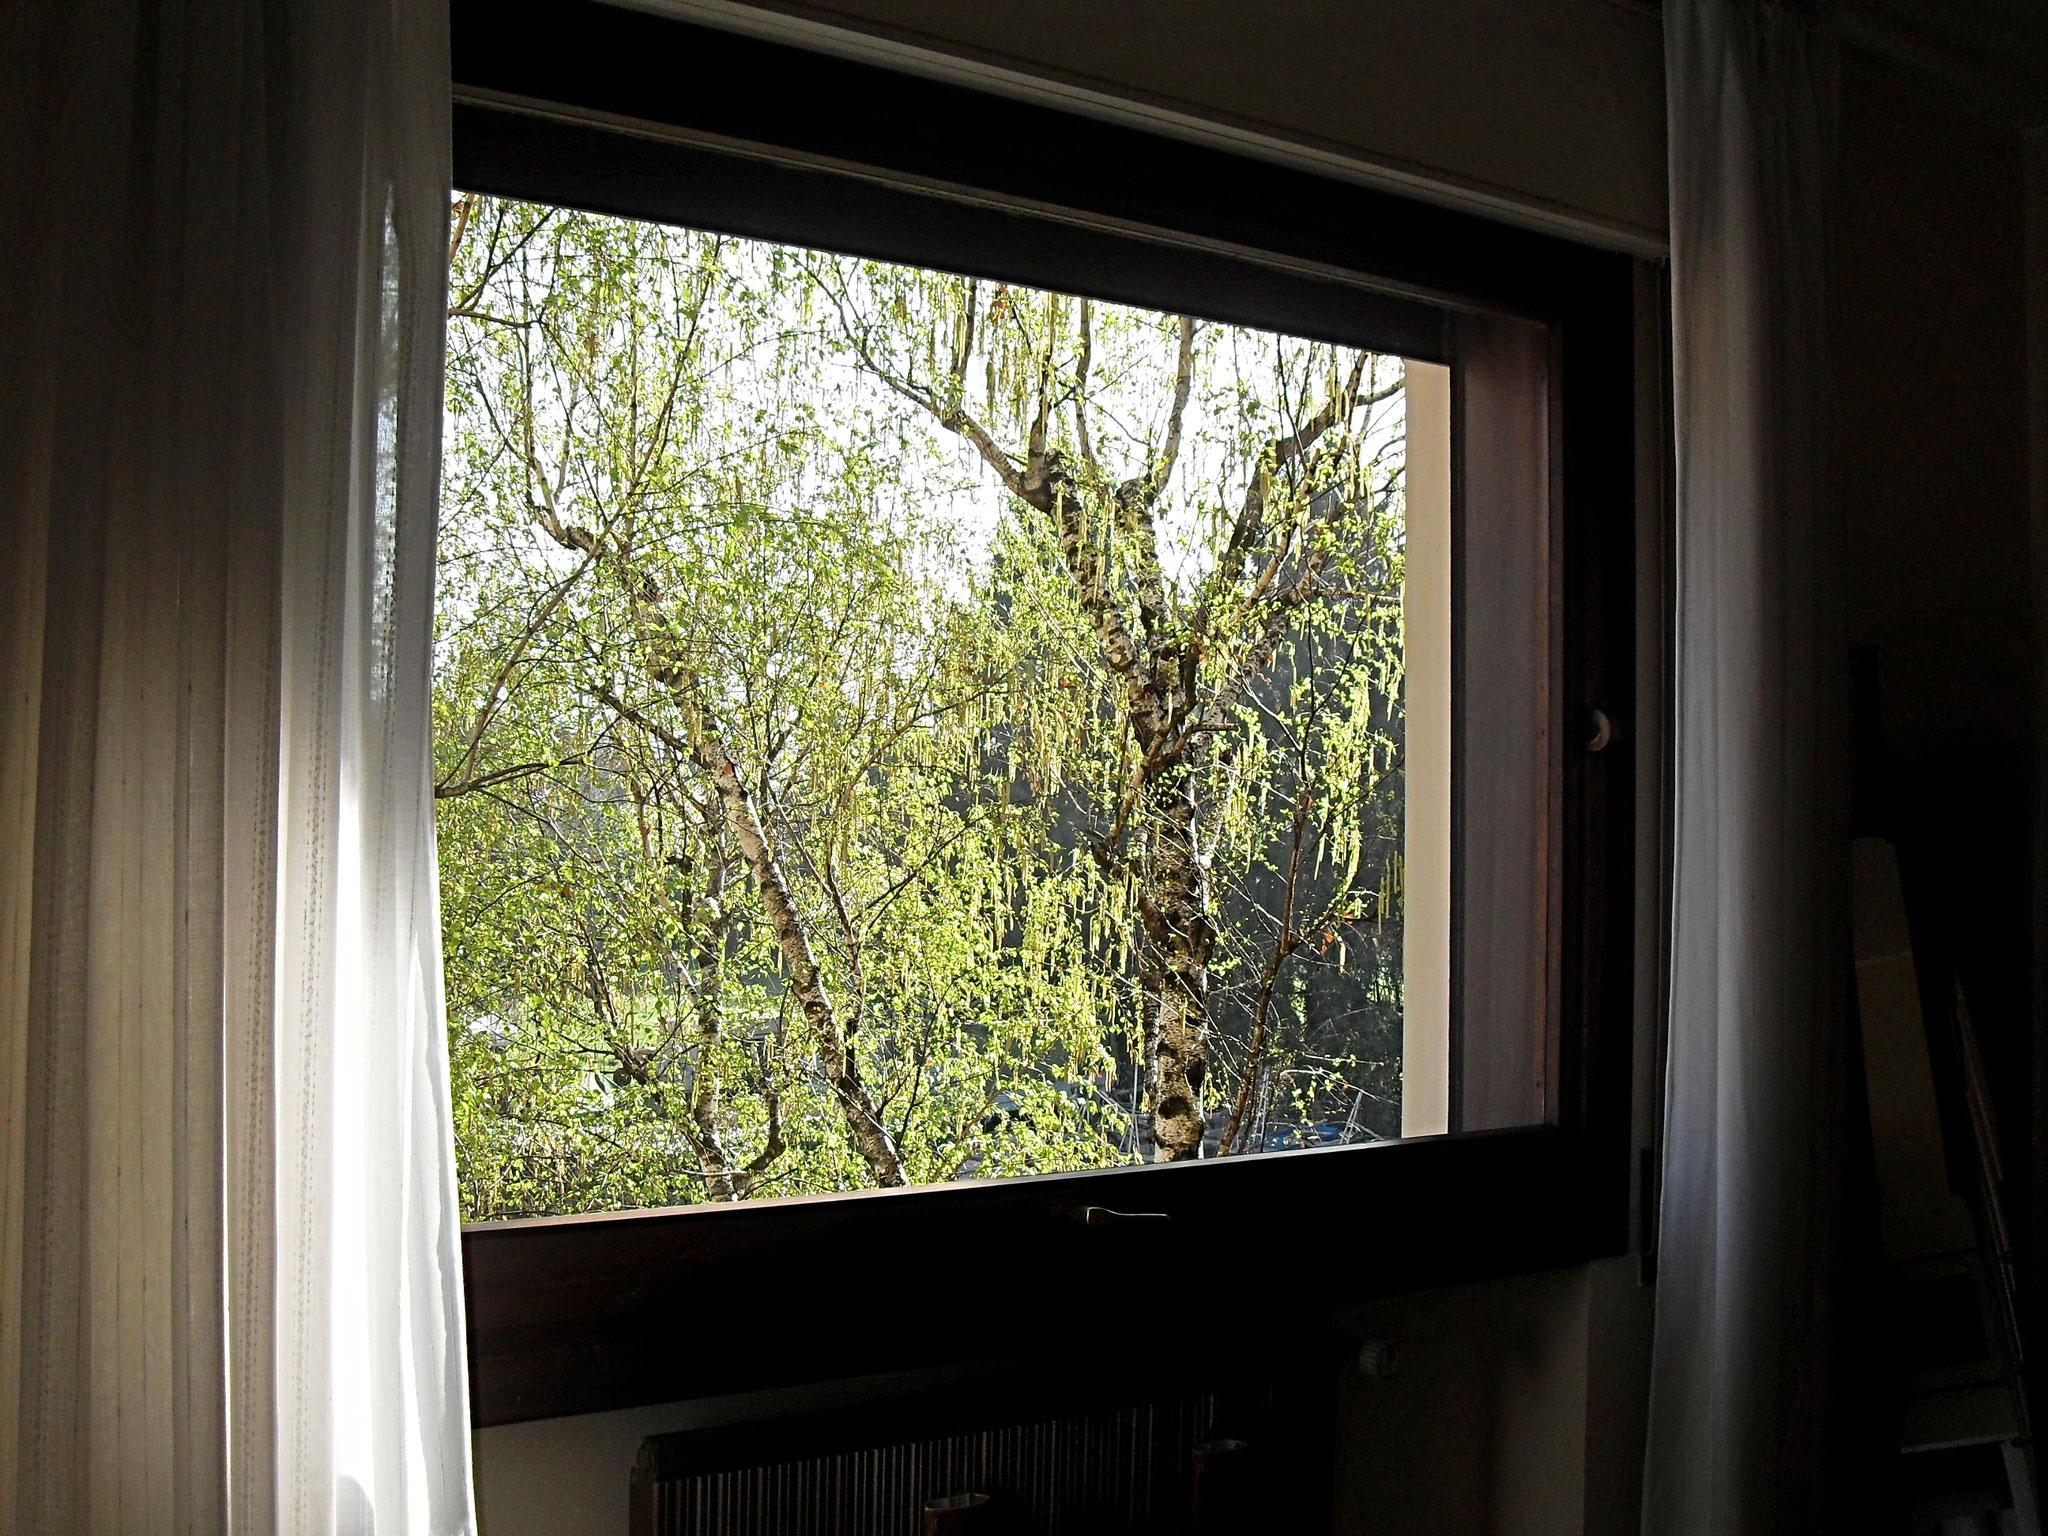 Schlafzimmer: Fenster